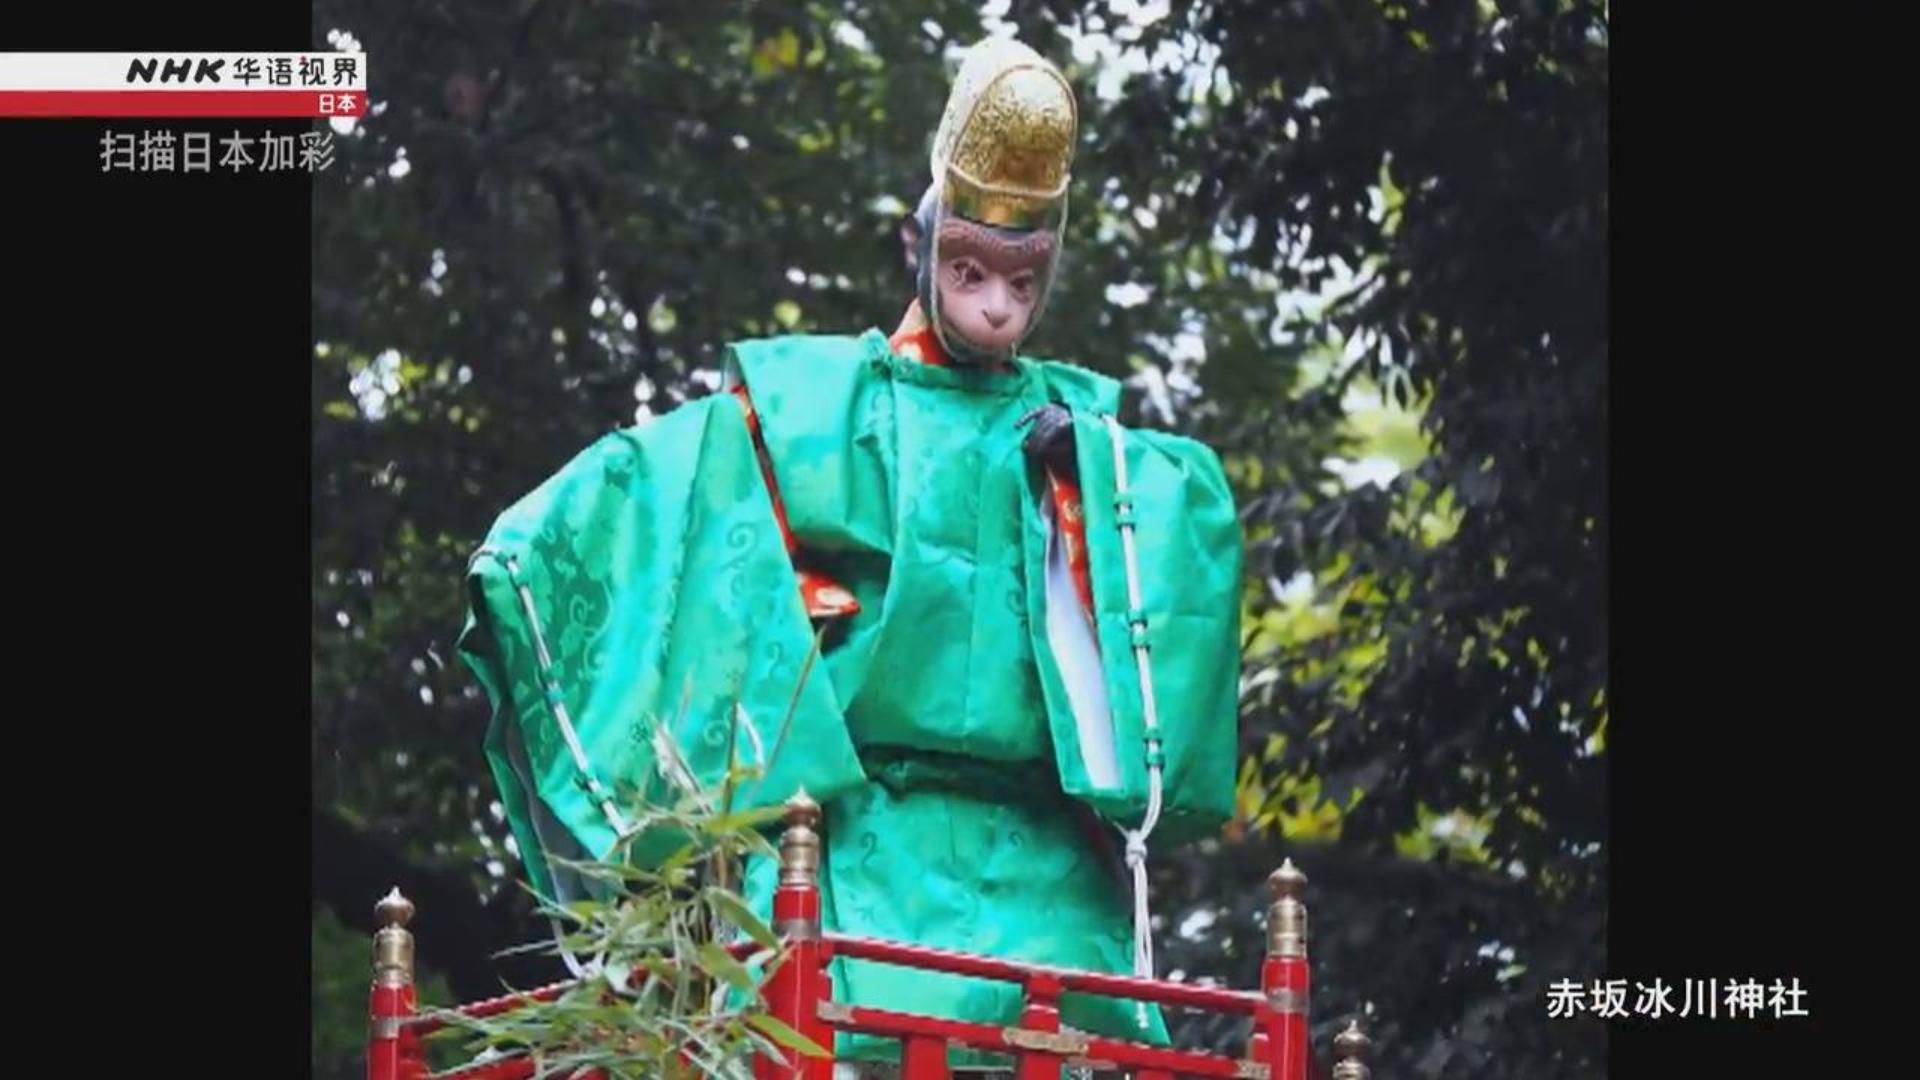 日本猕猴神.扫描日本加彩